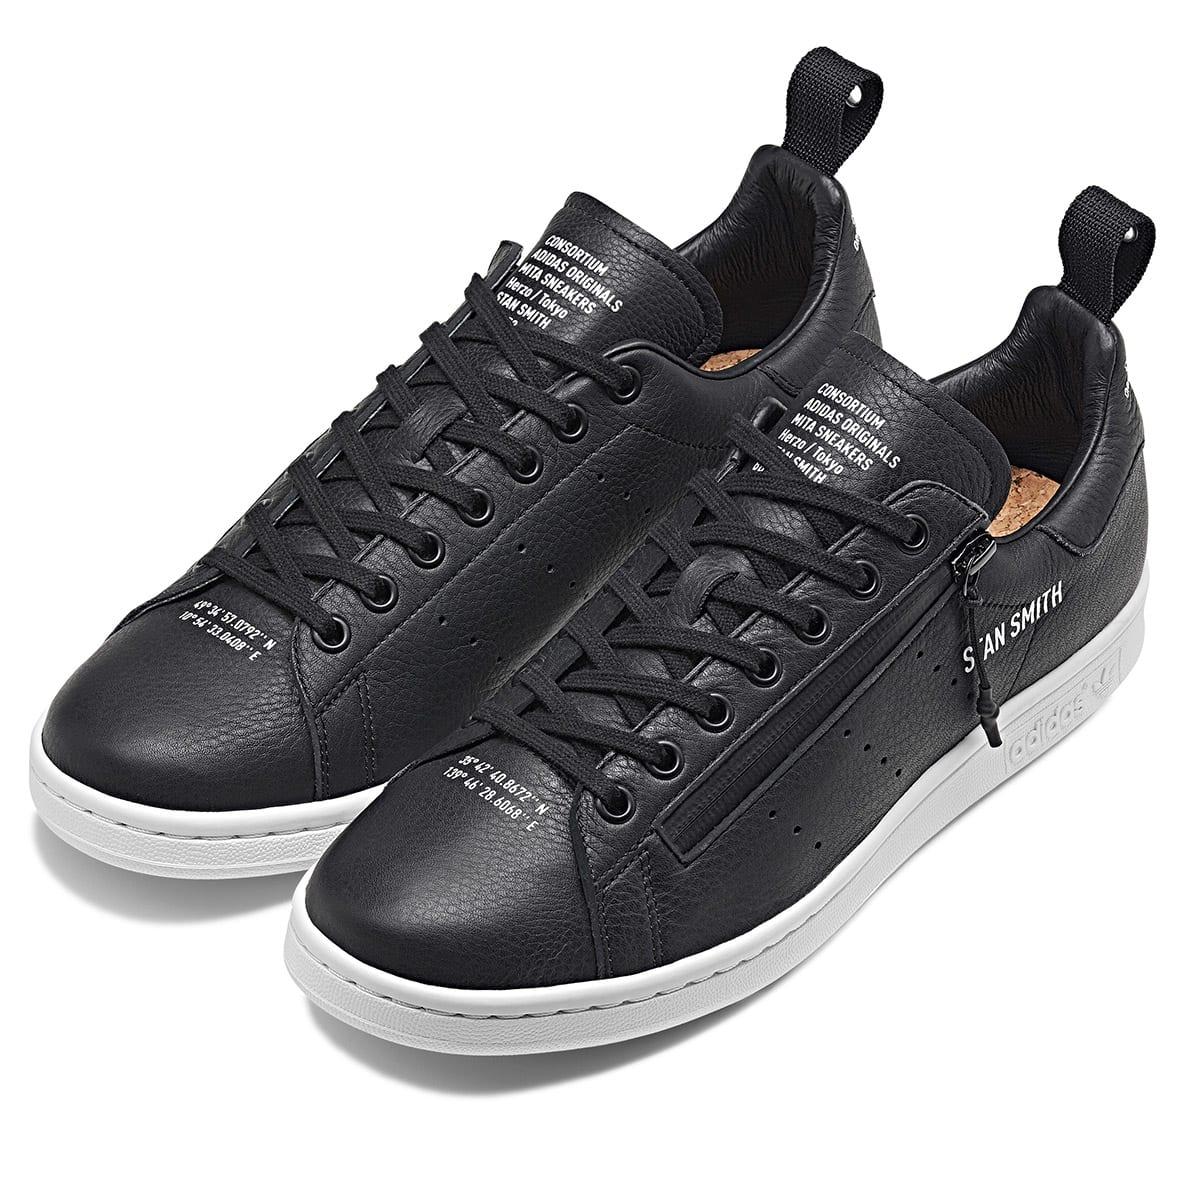 official photos ce452 51bbc Adidas x Mita Stan Smith (Core Black & White)